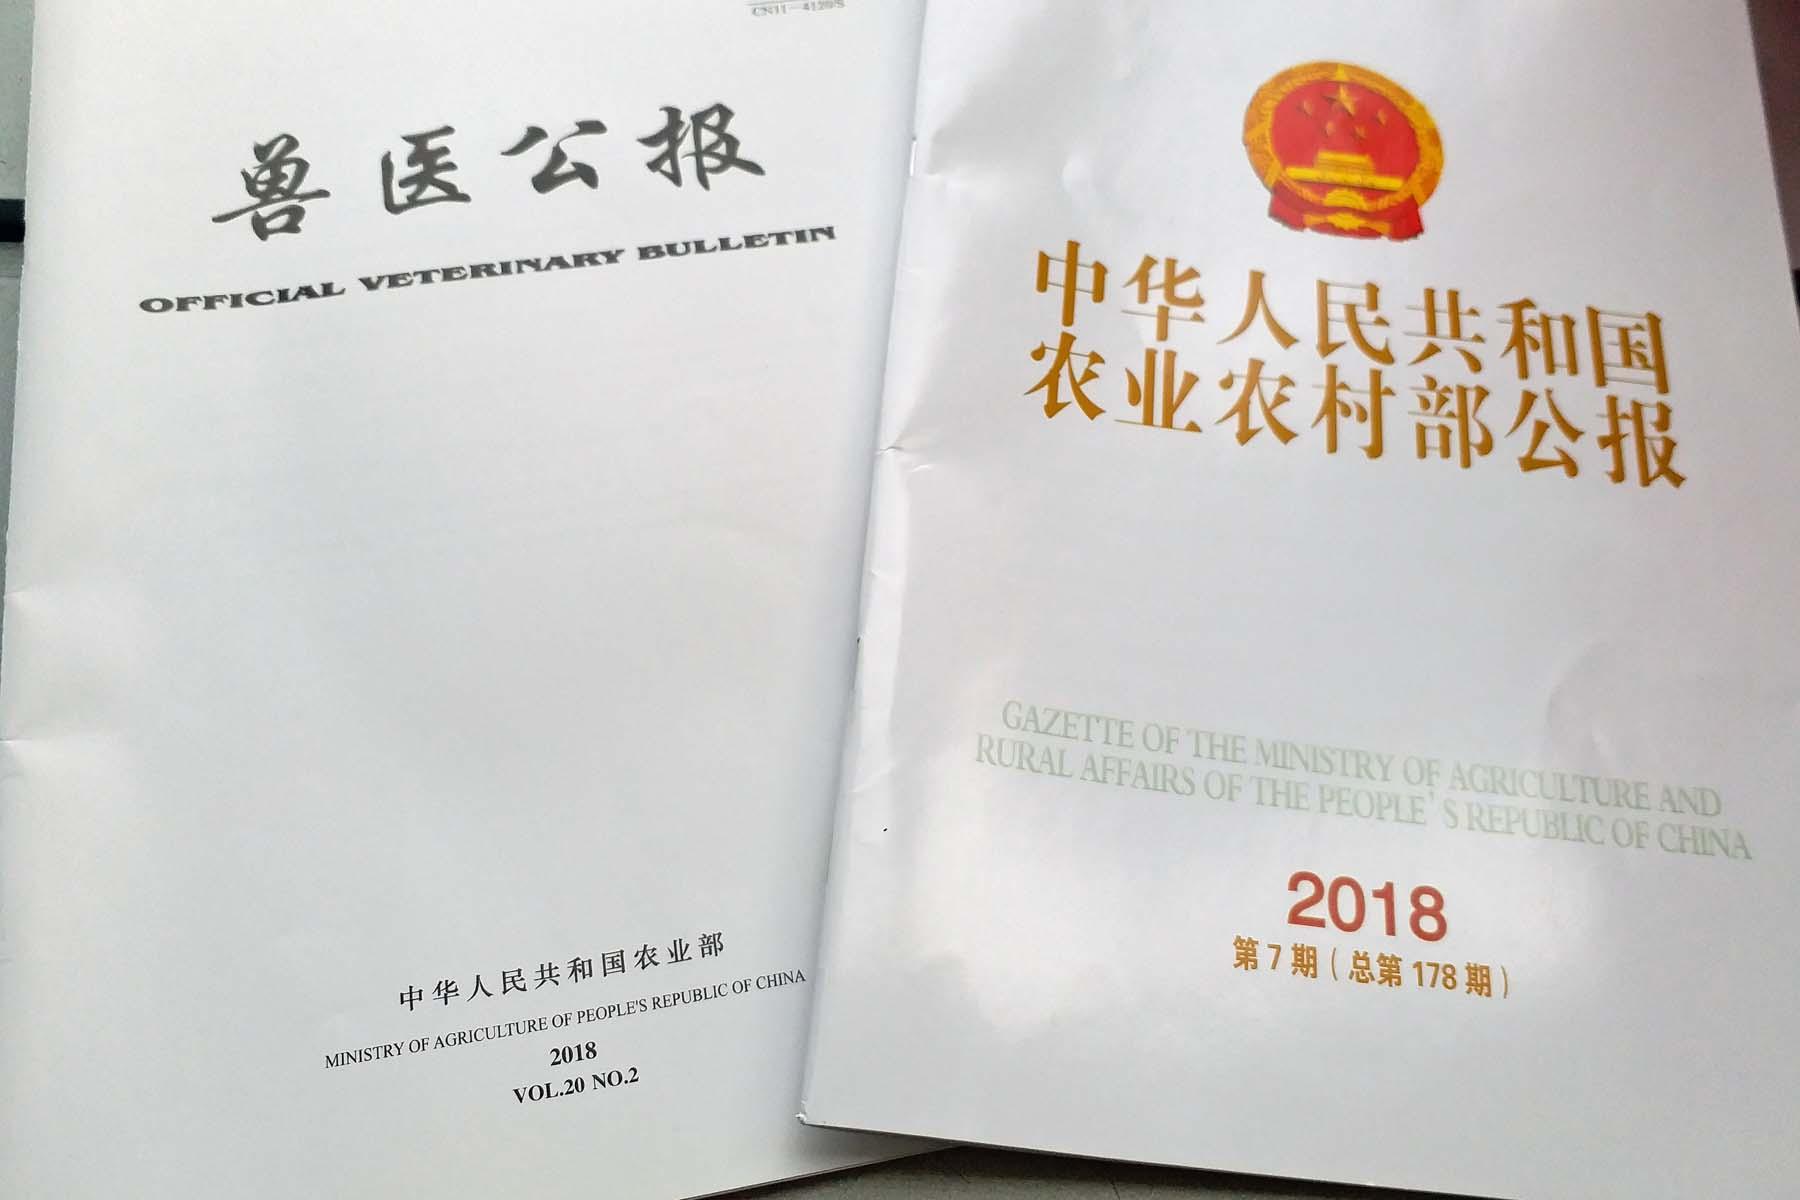 Kiinan maatalous- ja maaseutuministeriö lähettää suurlähetystöön joka kuukausi eläintauteihin perustuvat maakohtaiset tuontikiellot sekä eläintauti-ilmoitukset ja tilastot muun muassa väärennettyjen rokotteiden myynnistä. Kuva: Anna-Stiina Antola.